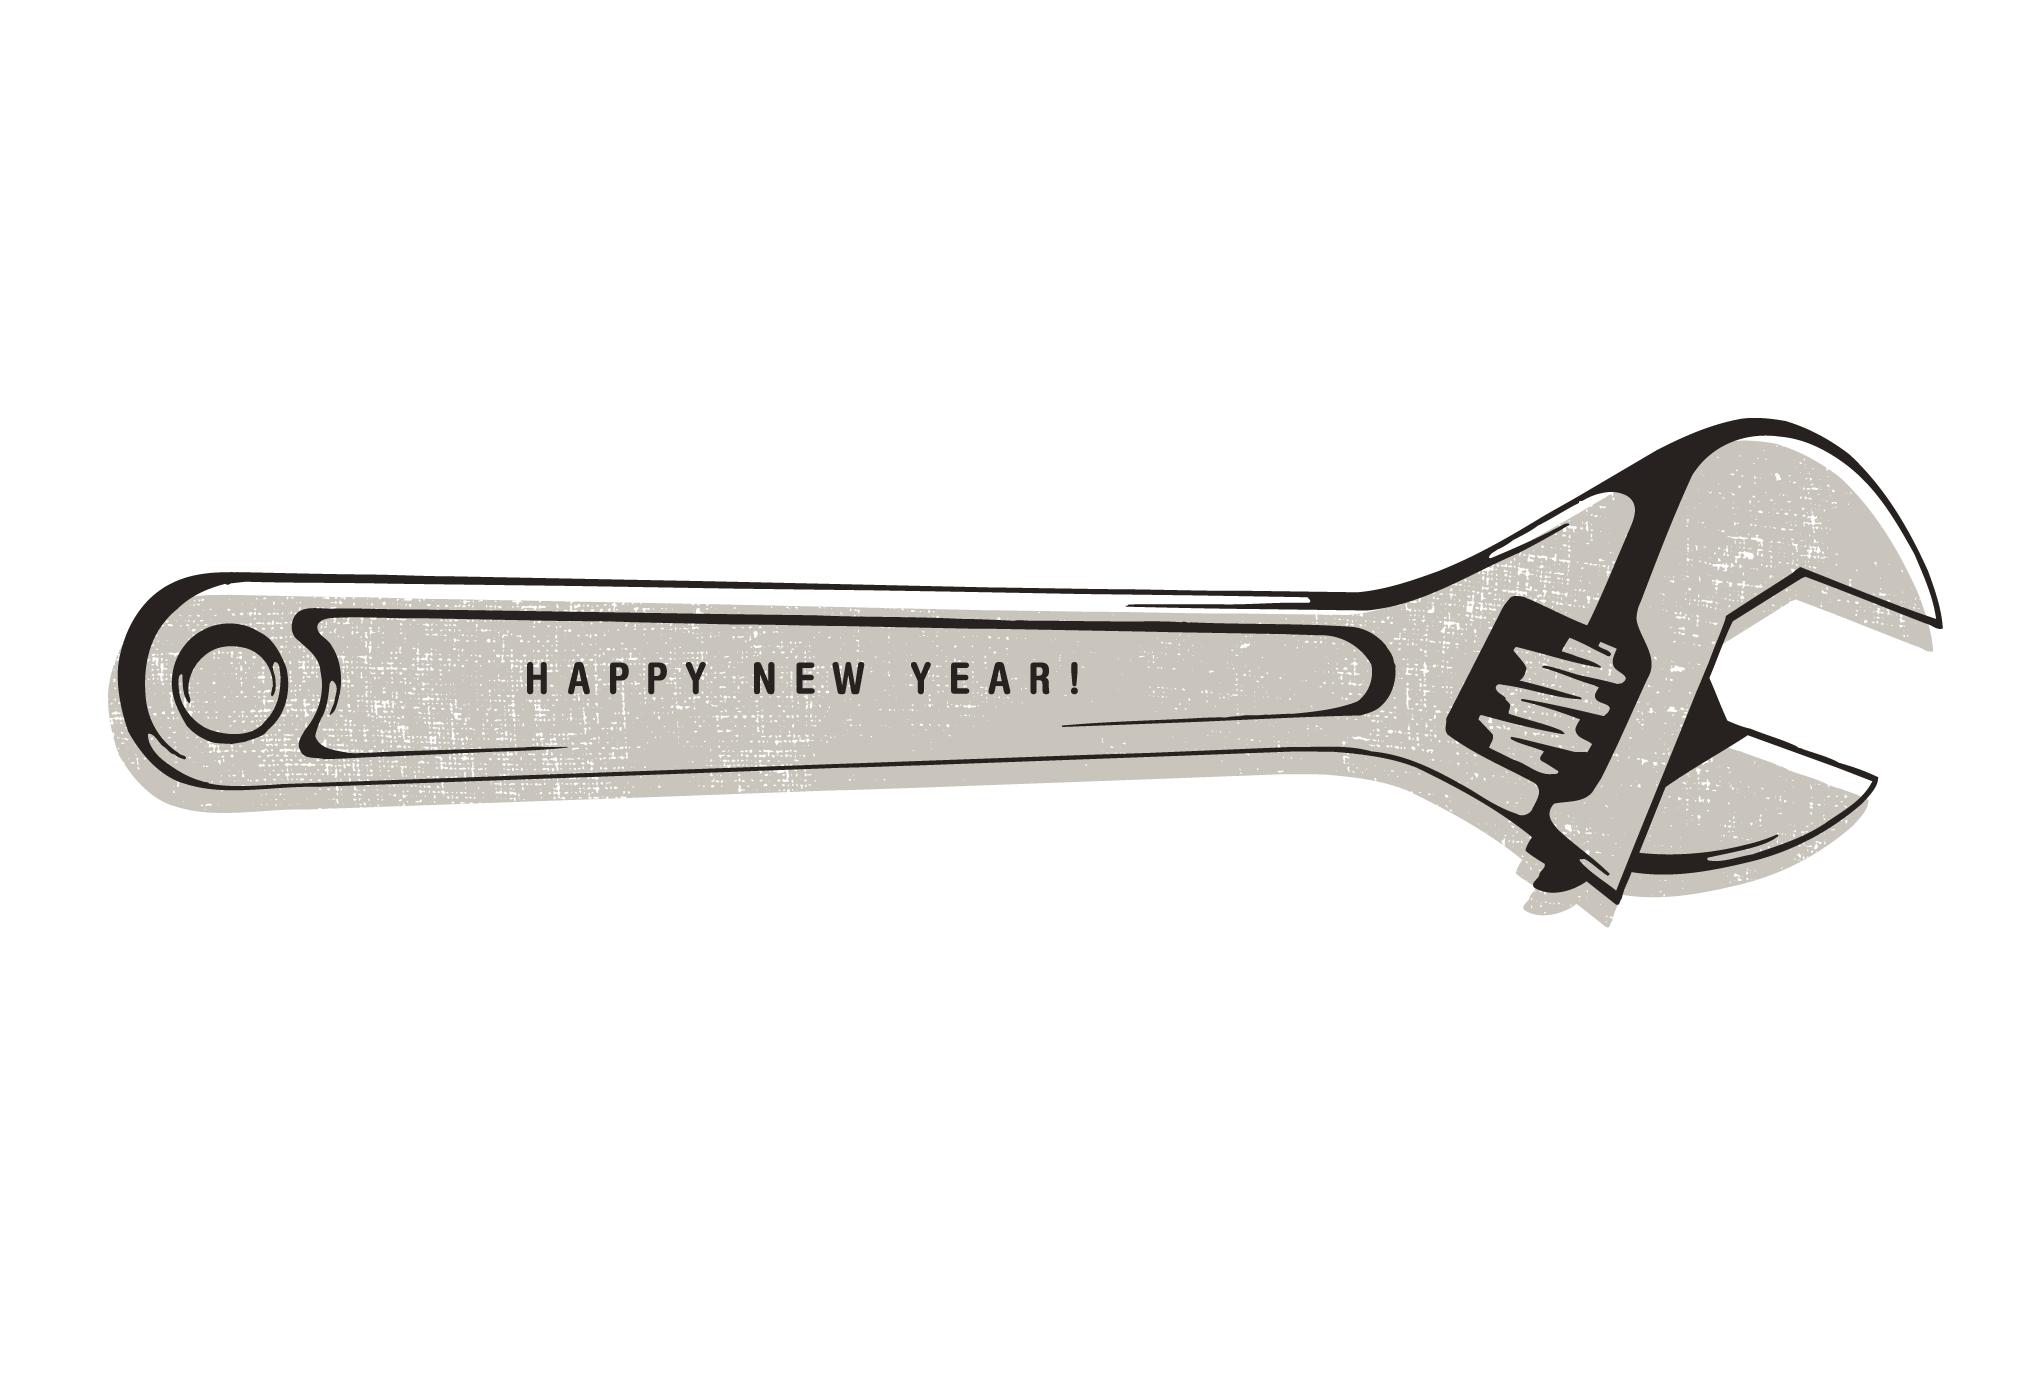 2016年賀状17-3:Monkey wrench / 3のダウンロード画像